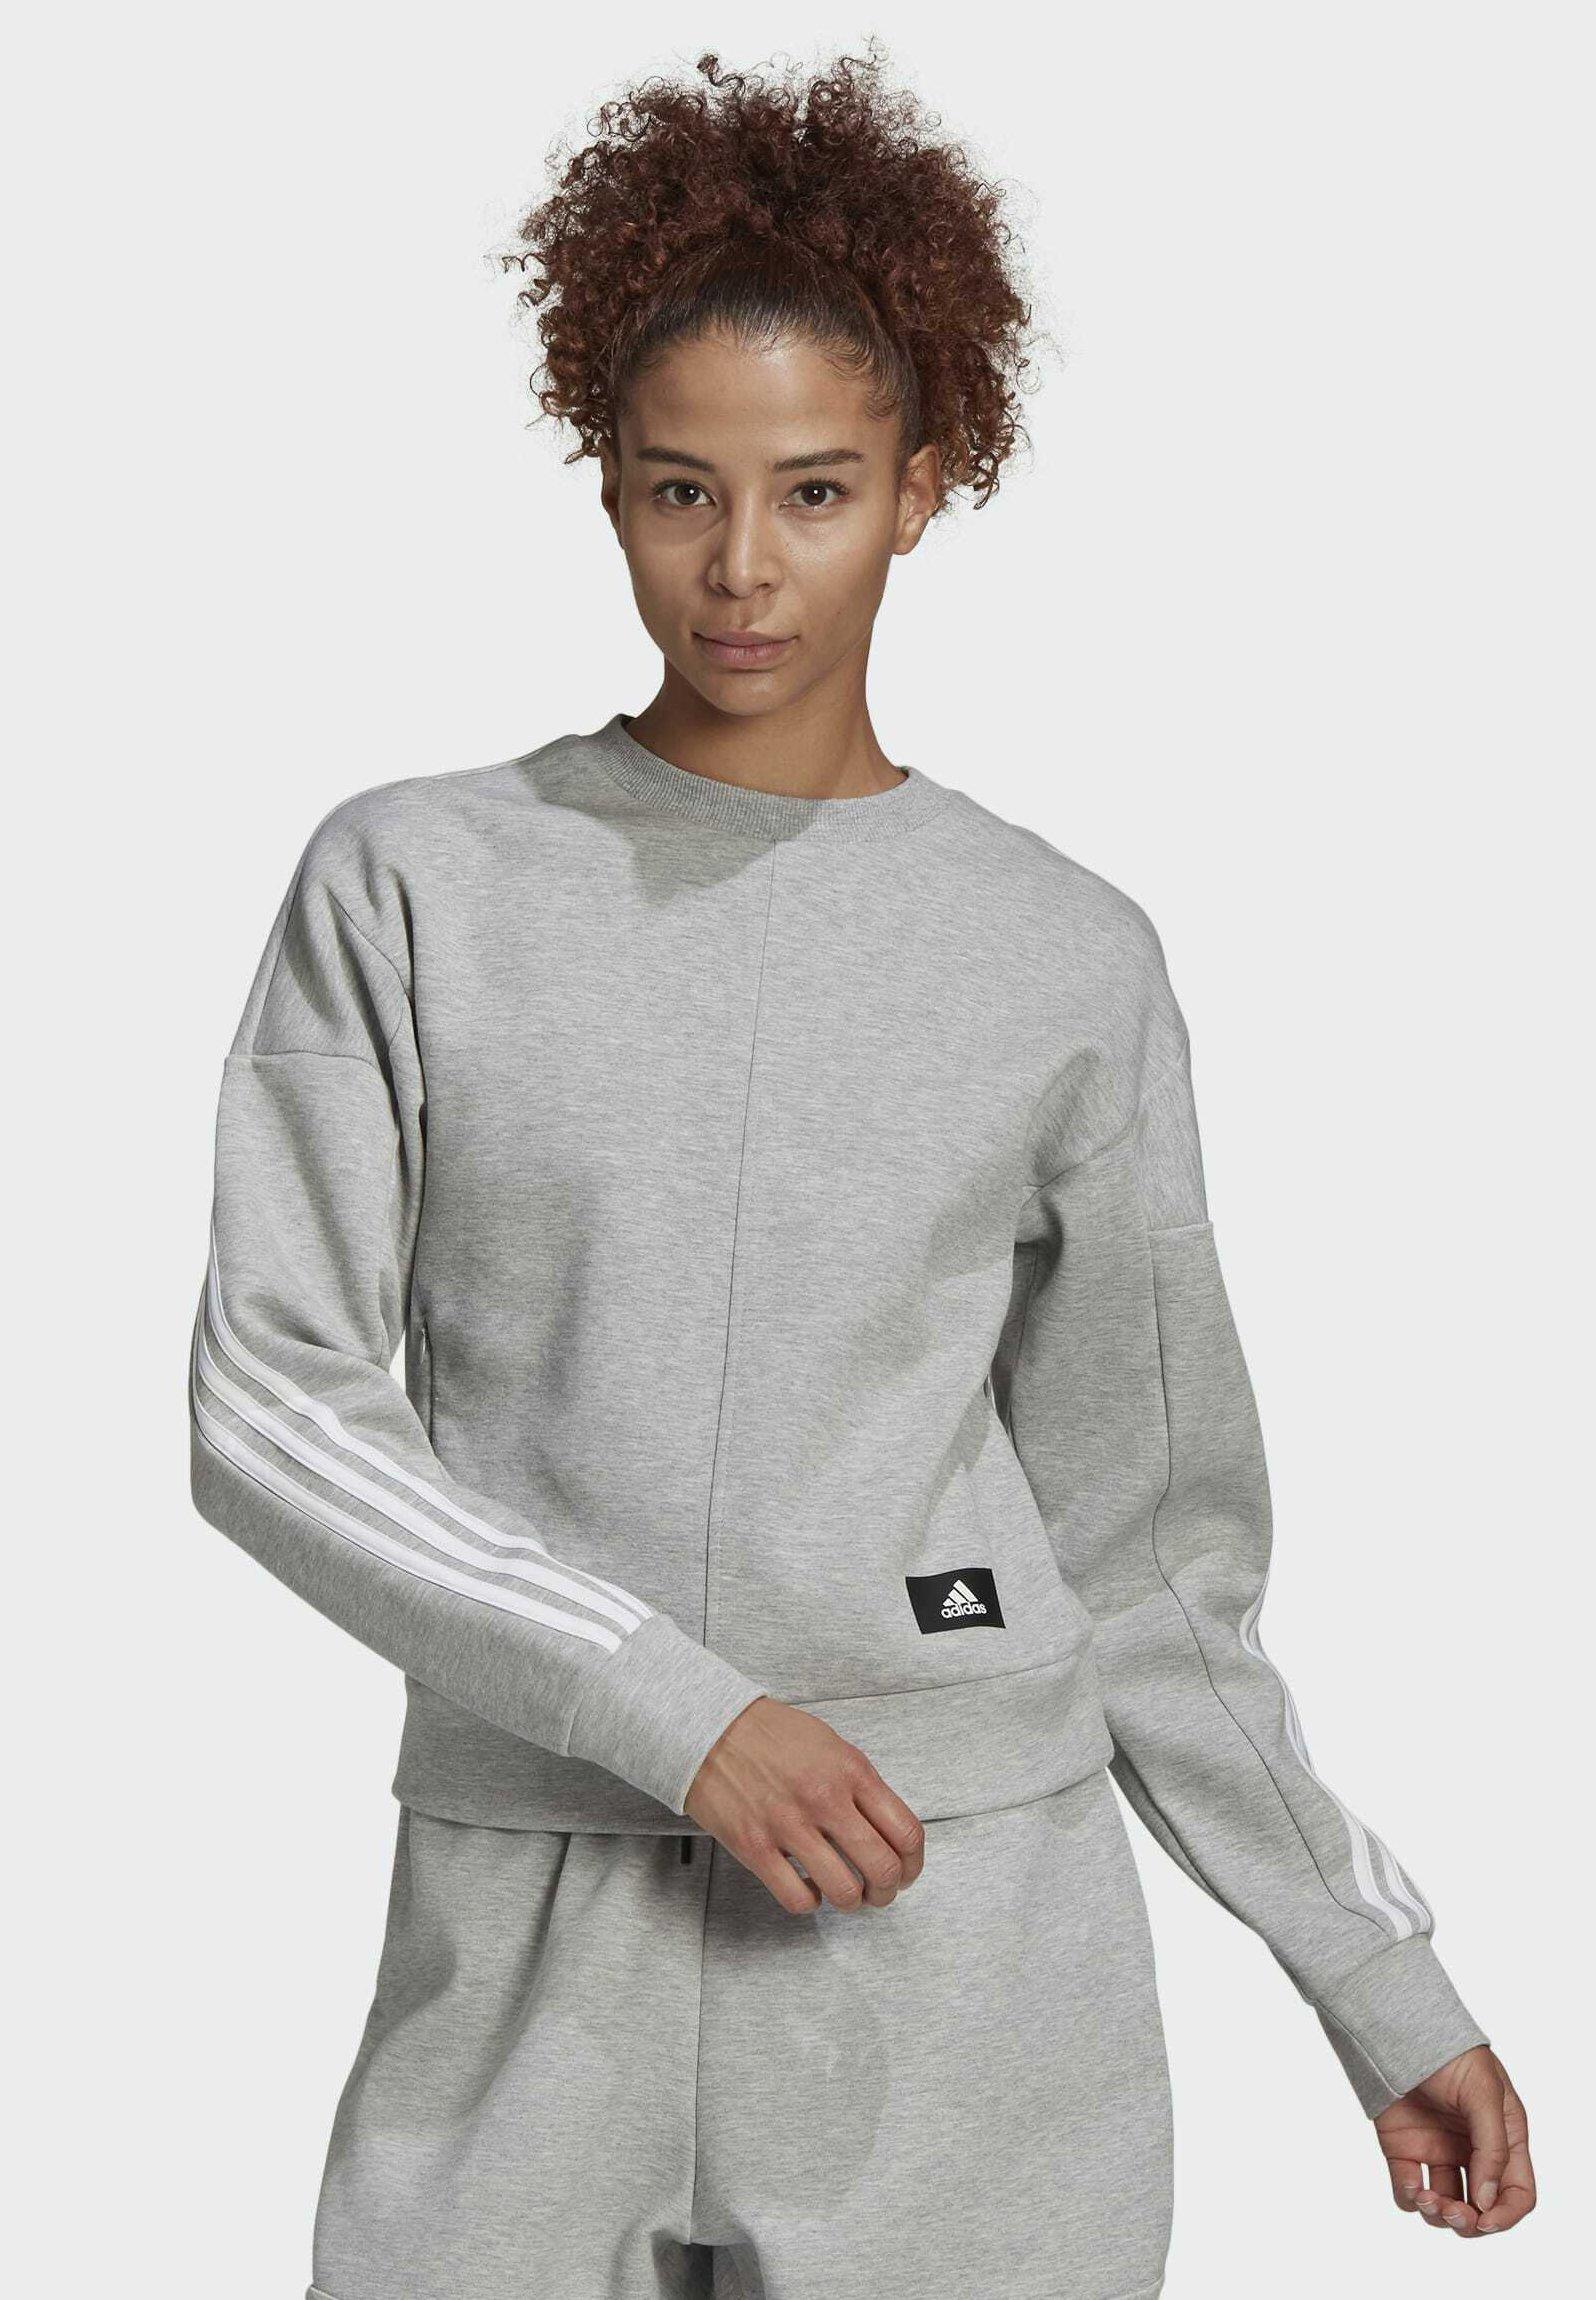 Women ADIDAS SPORTSWEAR WRAPPED 3-STRIPES SWEATSHIRT - Sweatshirt